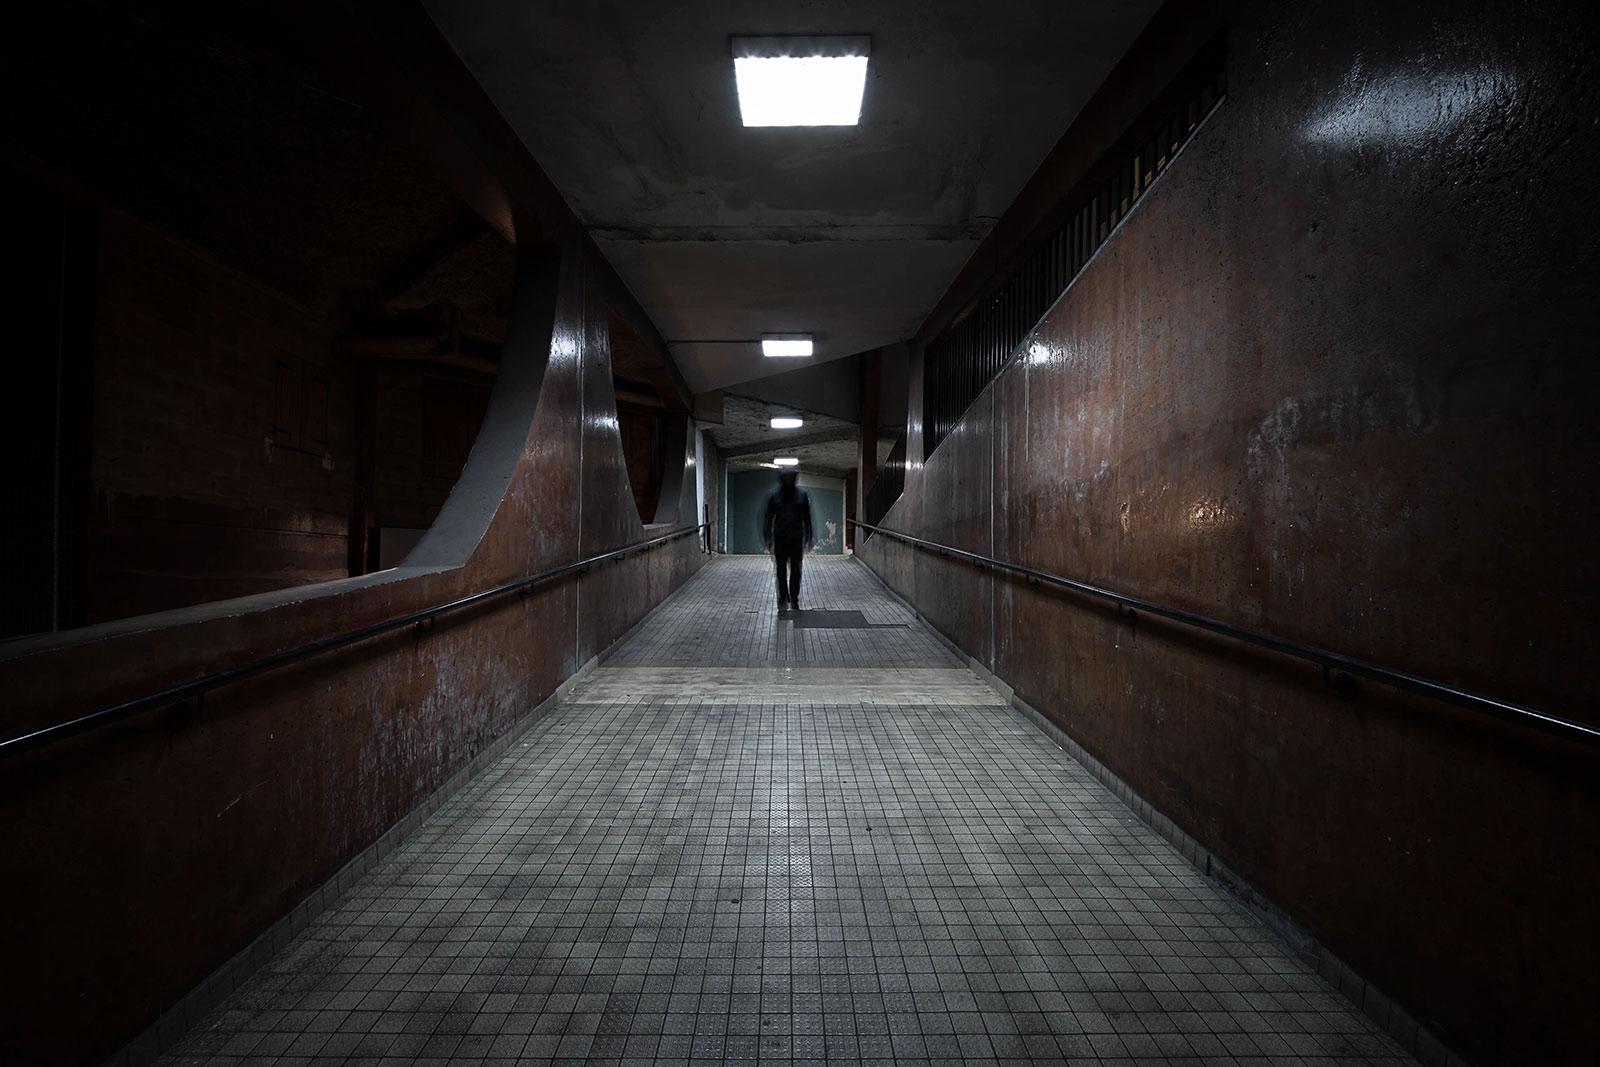 Prédateur - Photographie de nuit urbaine et narrative